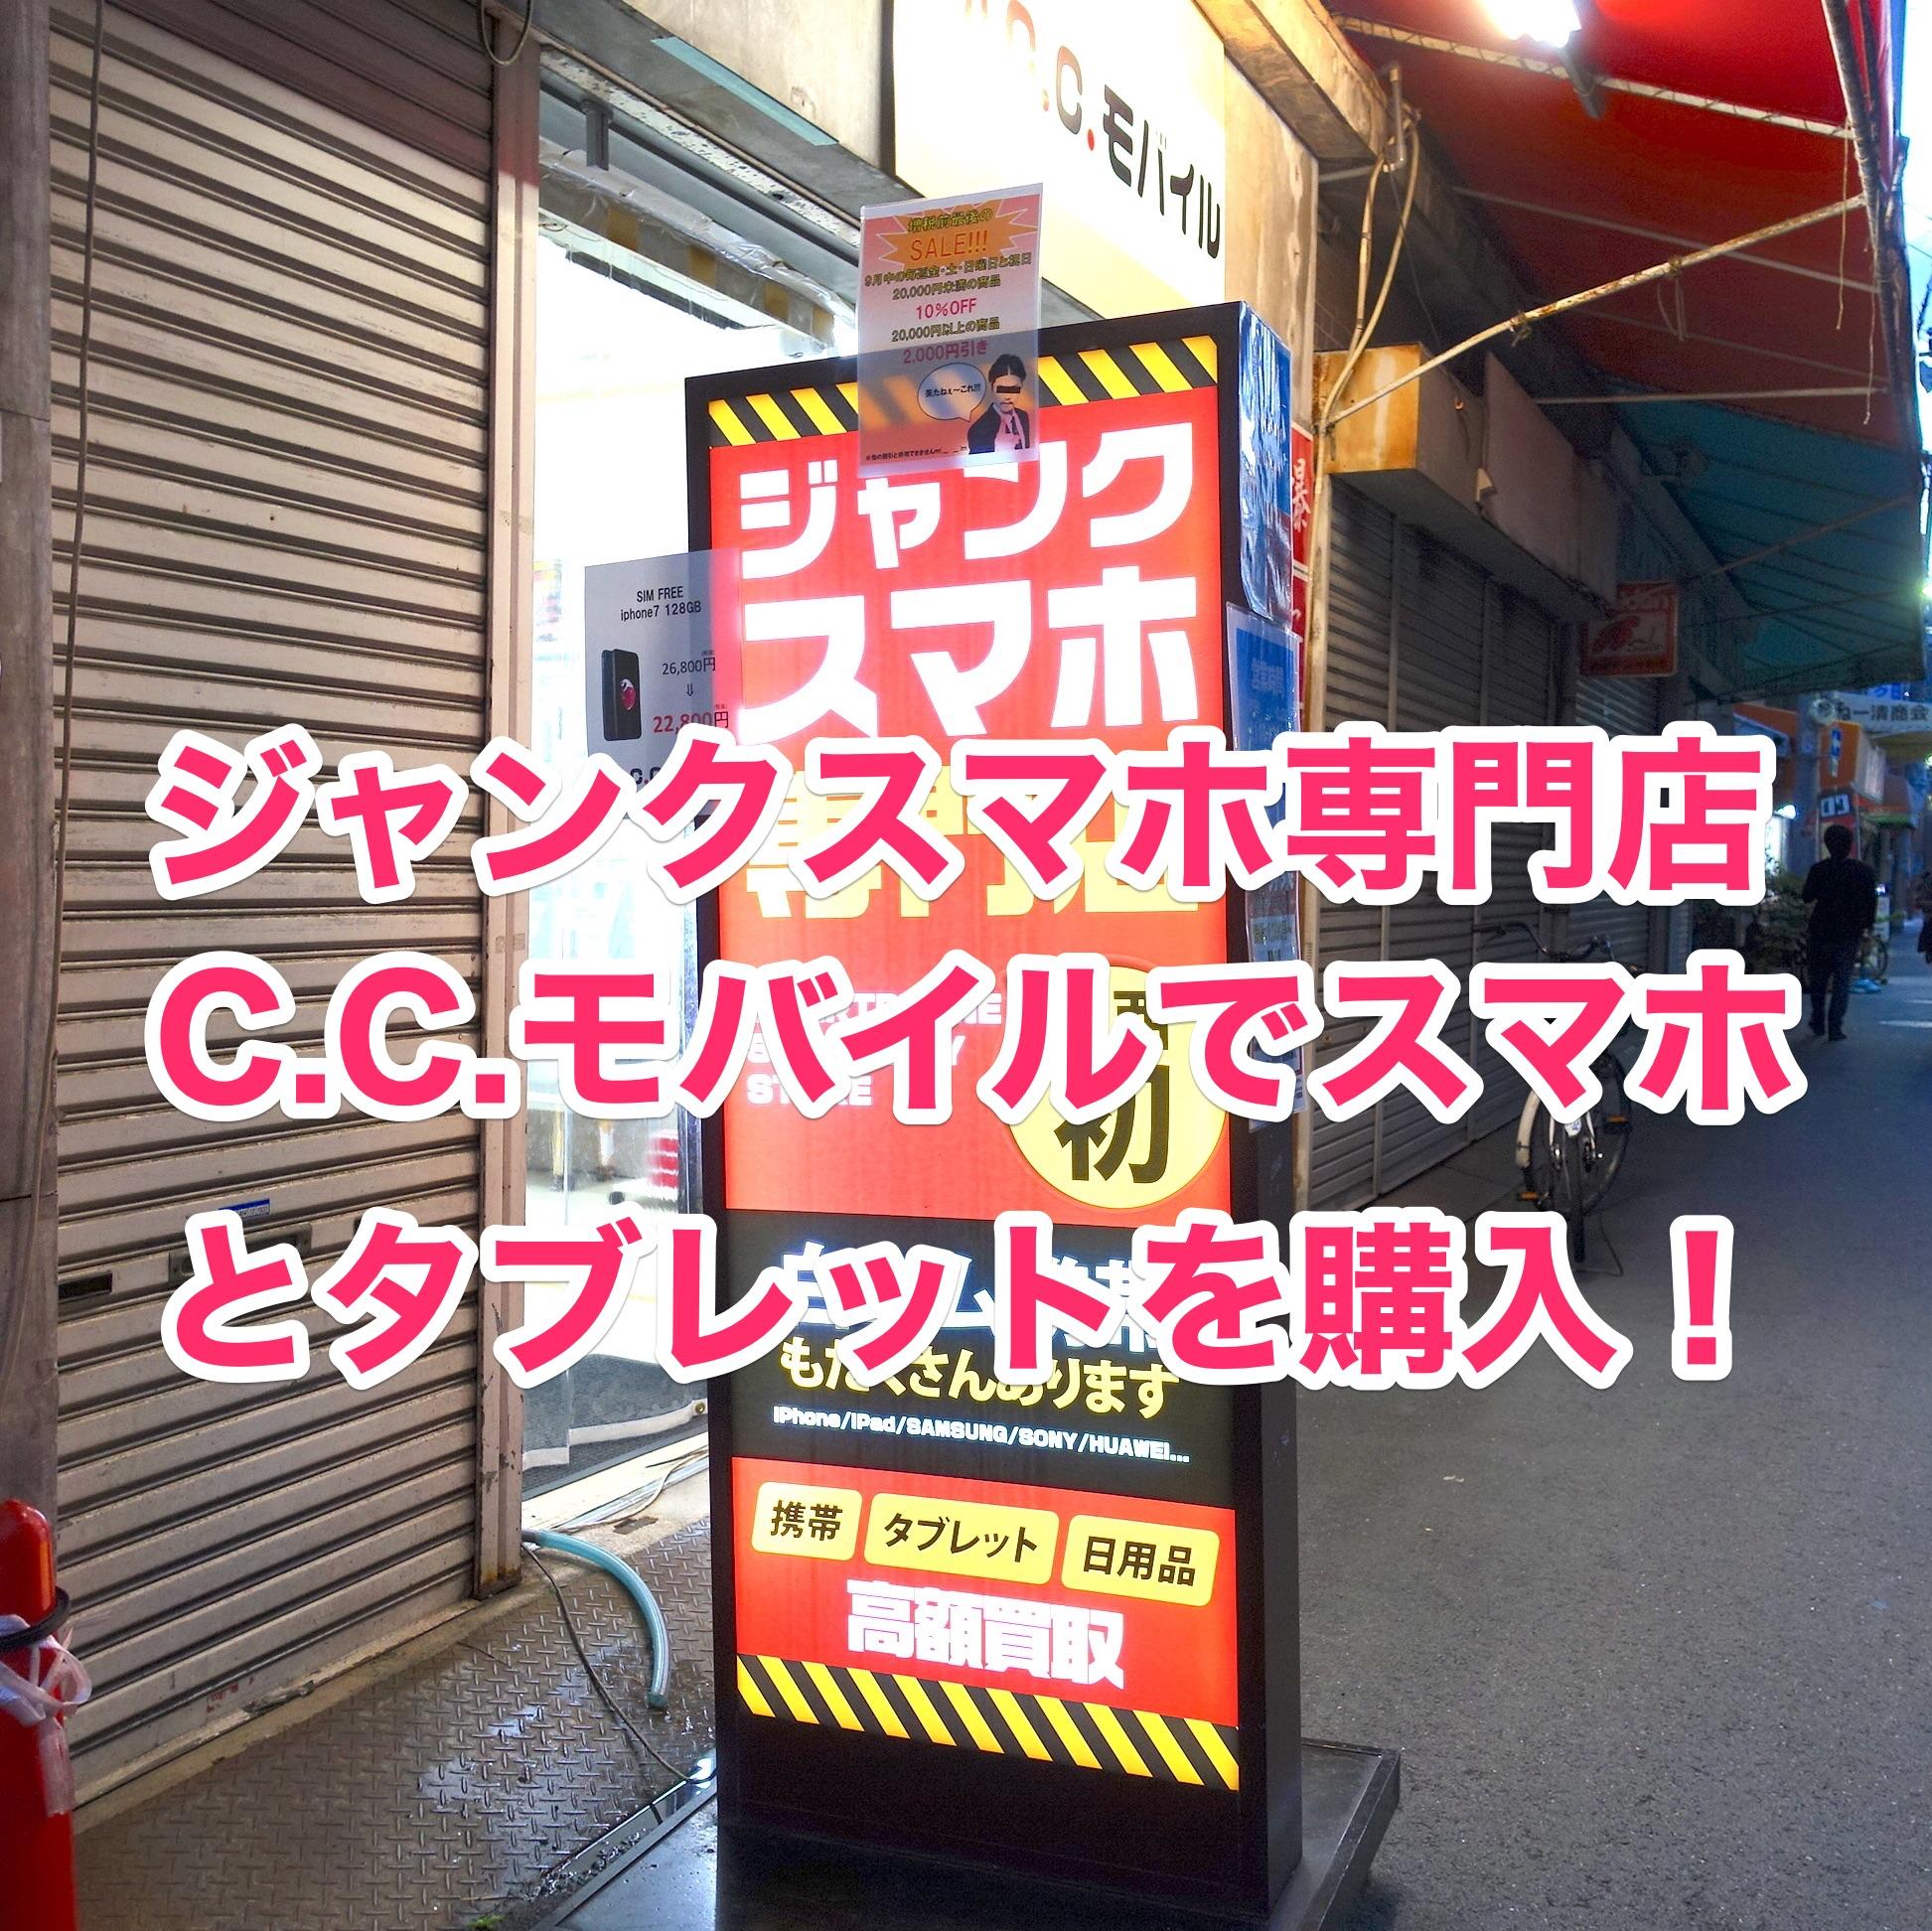 【ジャンク屋】大阪日本橋「C.C.モバイル」は天国だった。